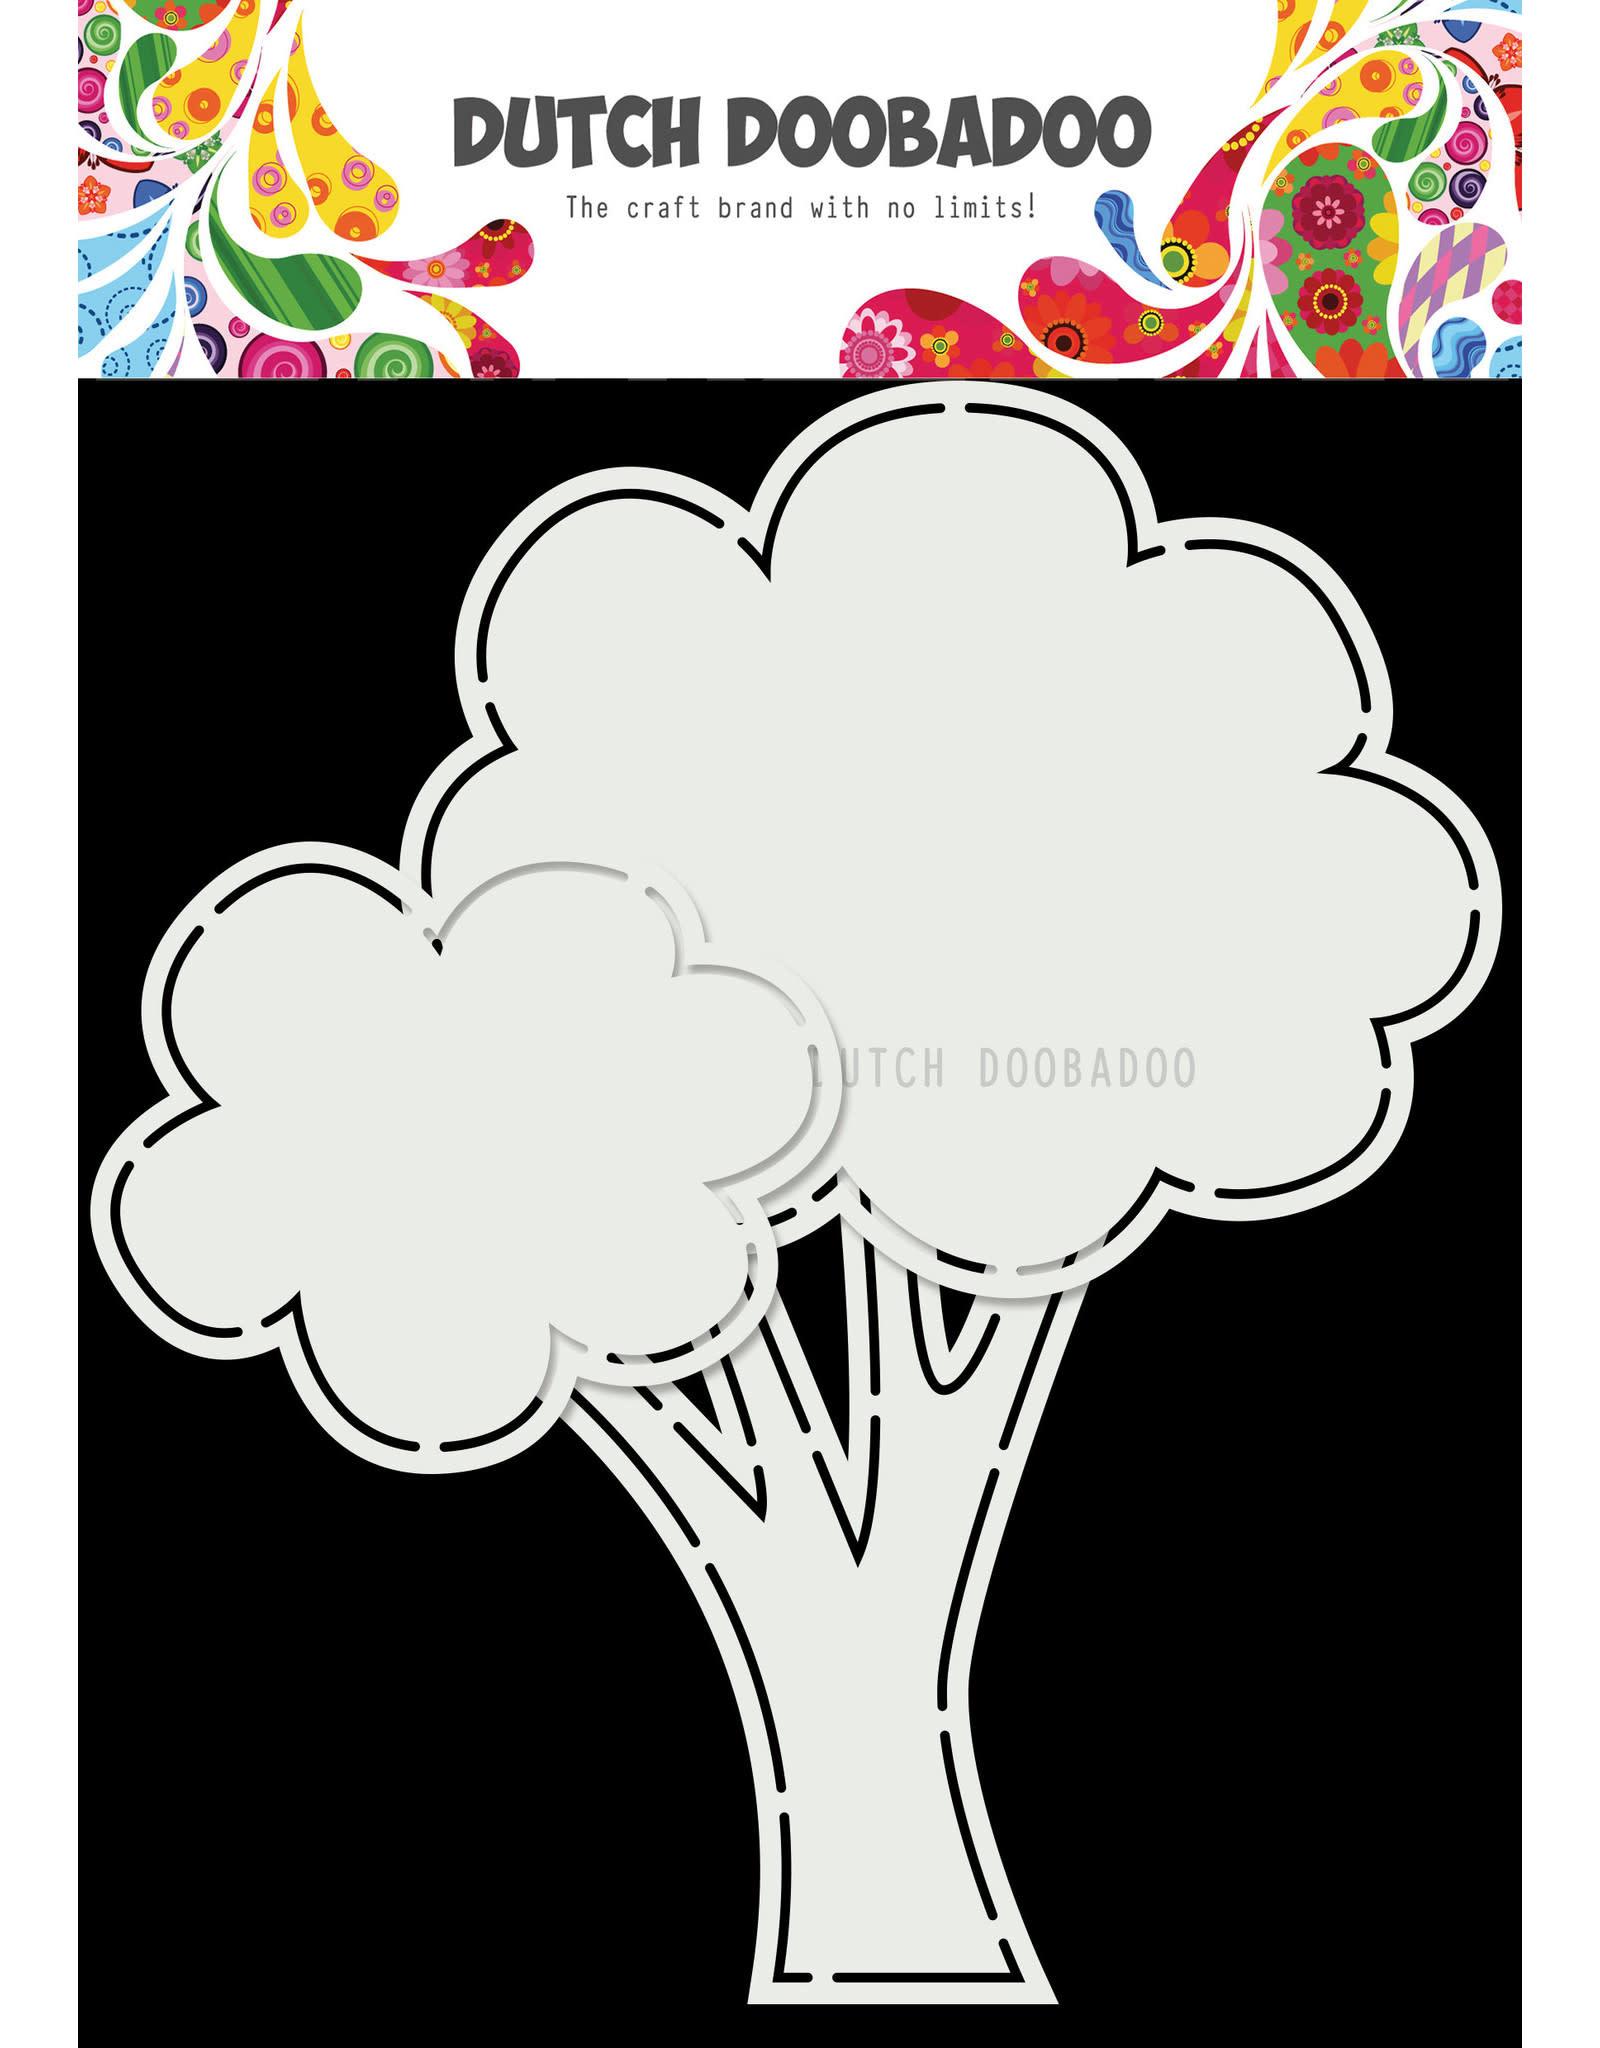 Dutch Doobadoo Dutch Doobadoo card art a5 tree